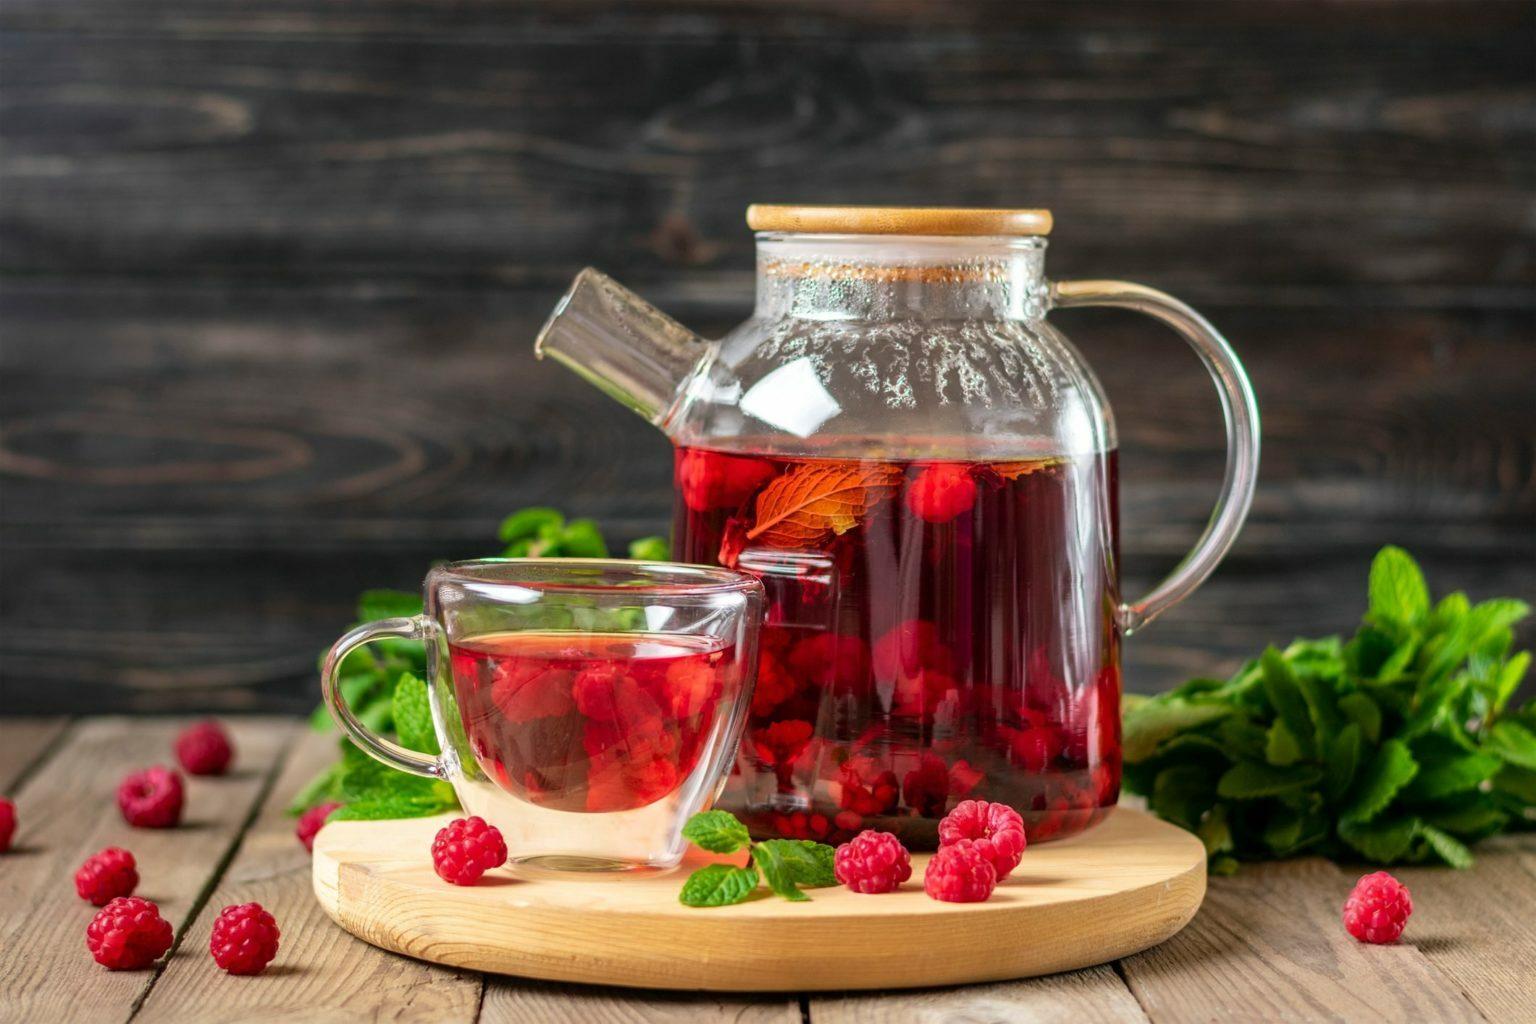 ماهي فوائد شرب شاي أوراق التوت الأحمر علي الصحه